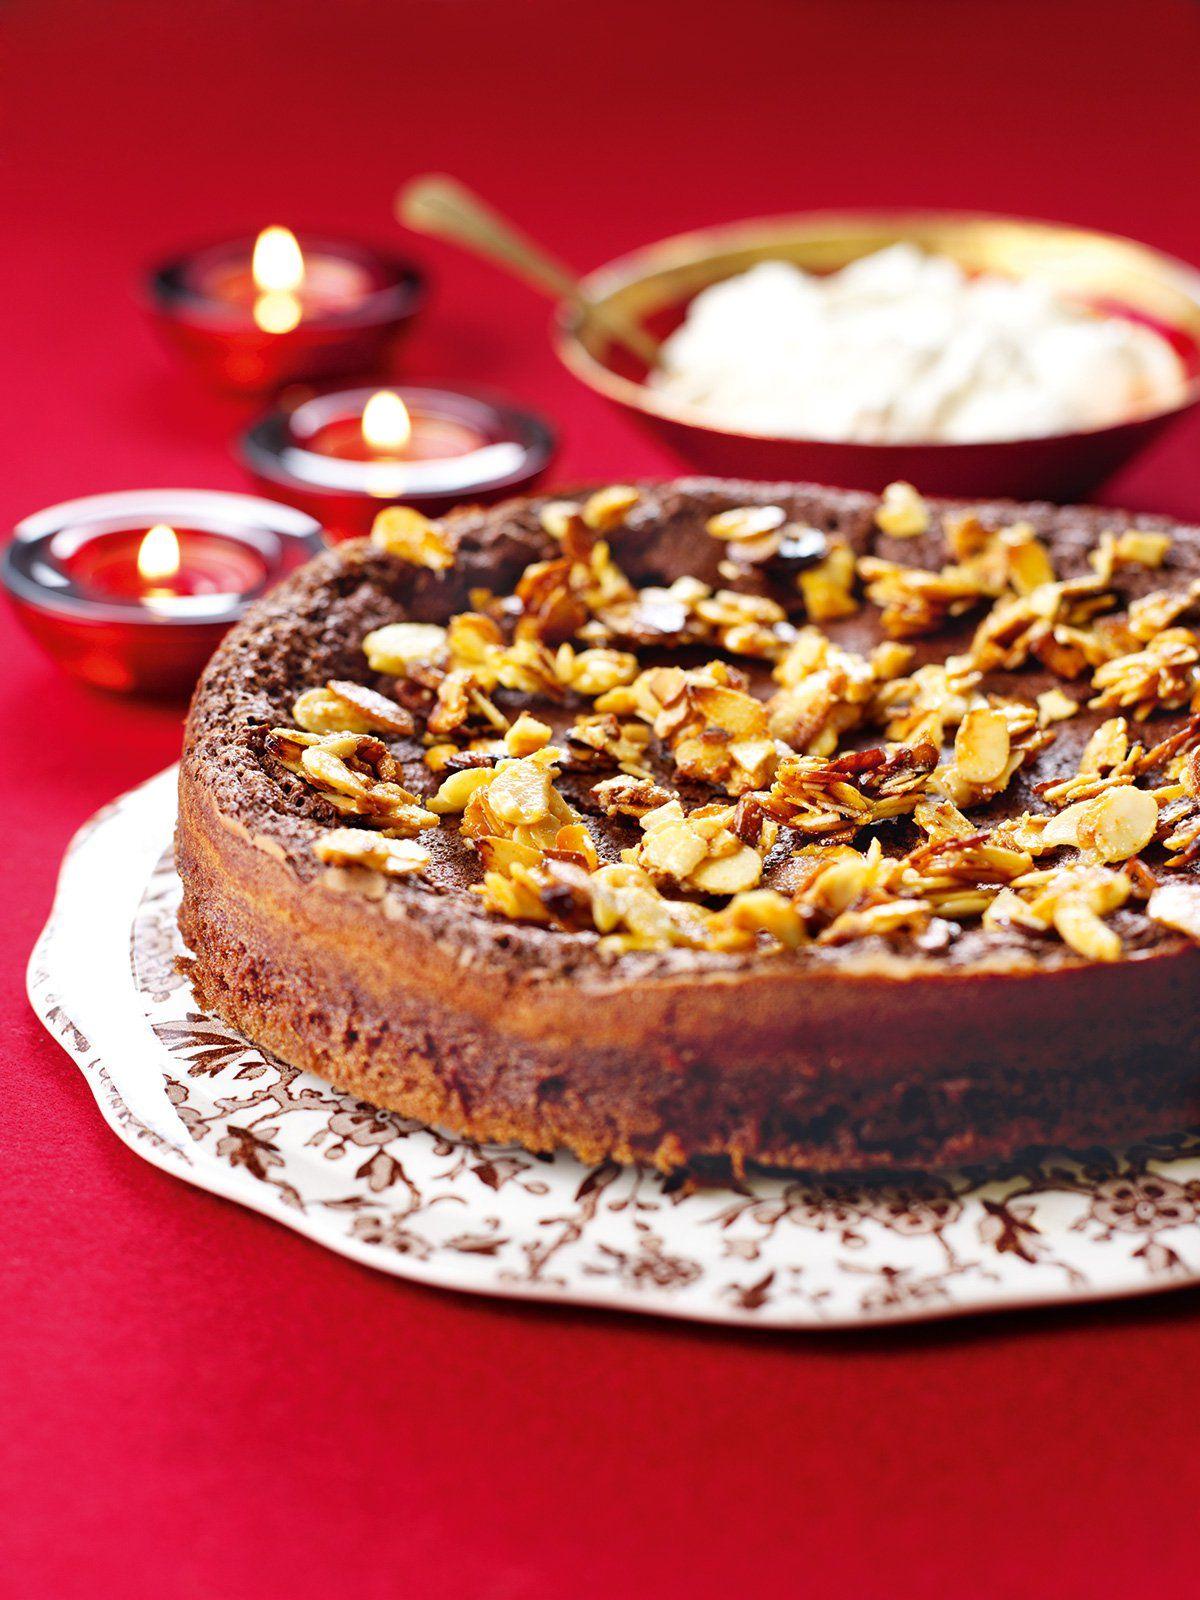 ChristmasSpiced Chocolate Cake Recipe Cake recipes